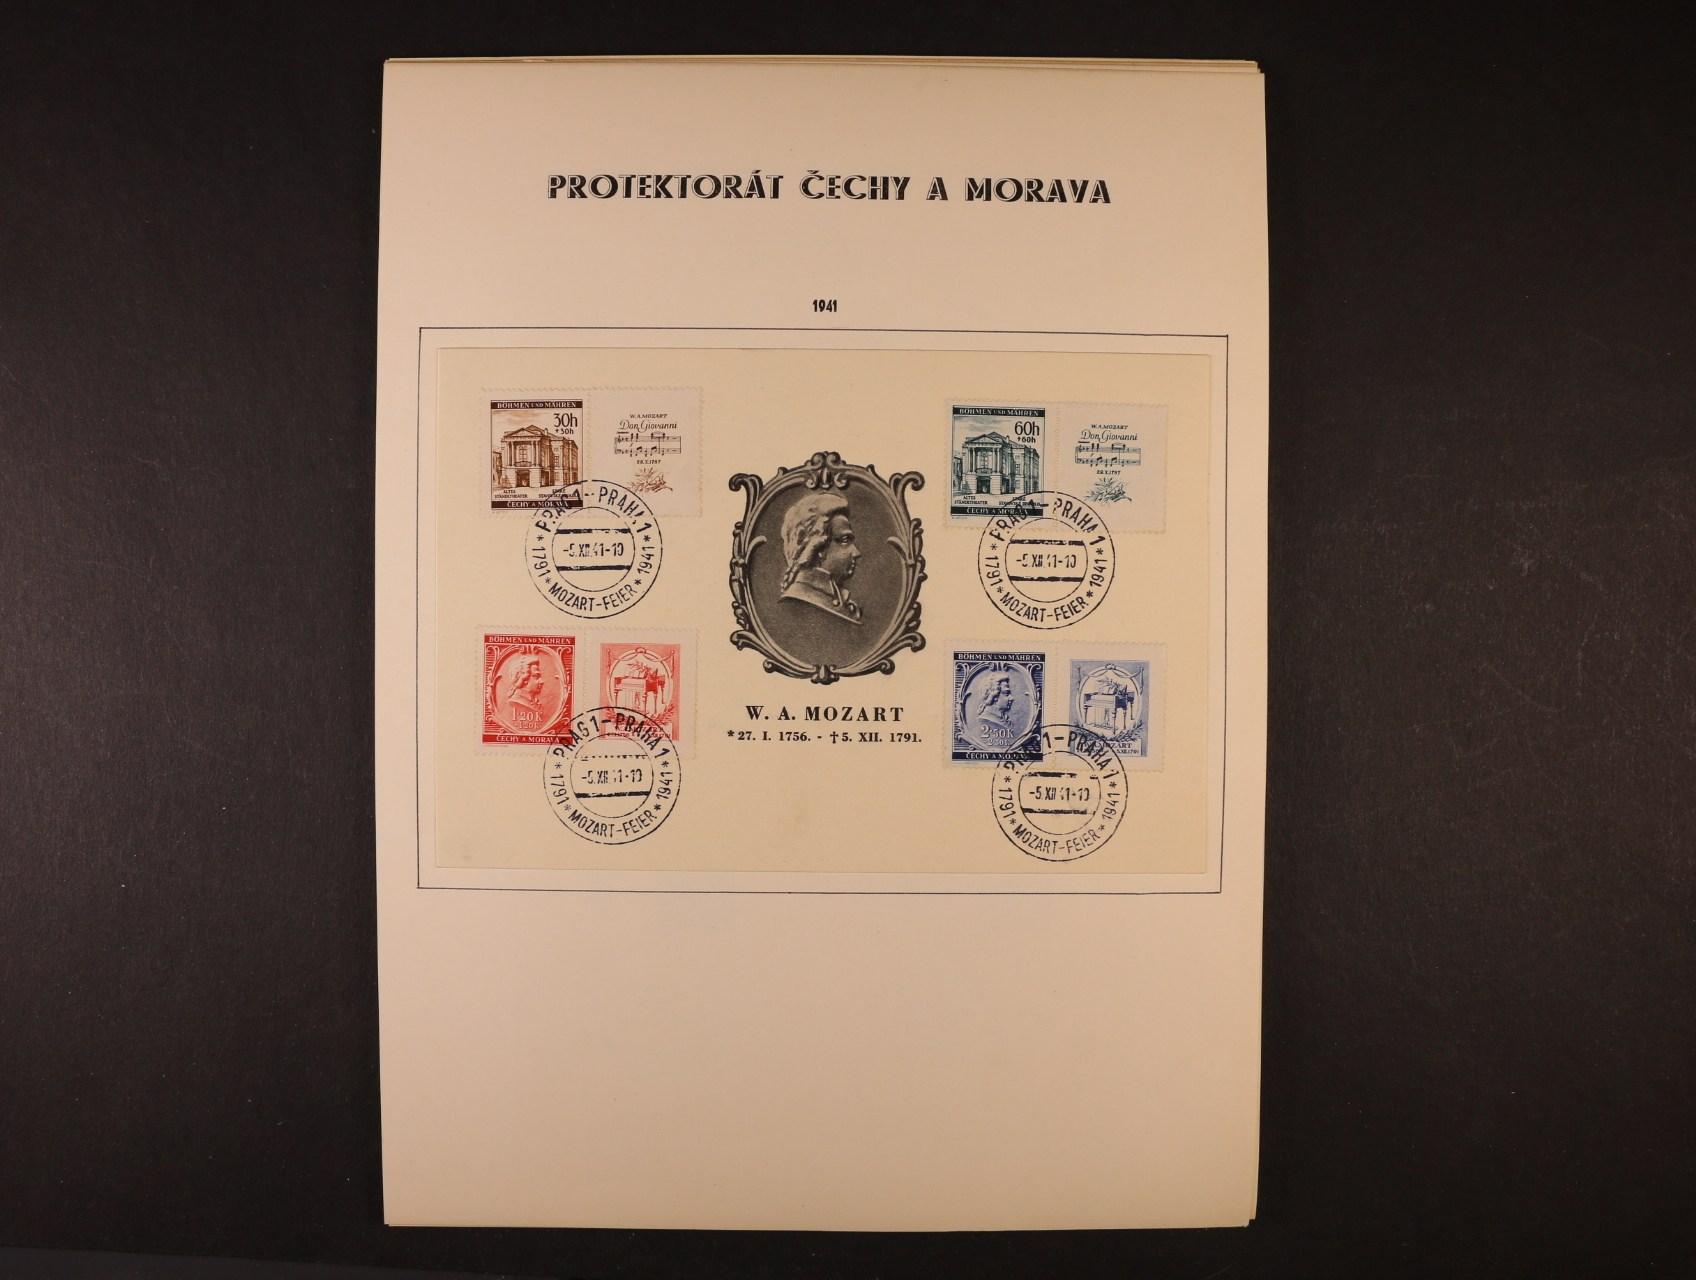 sestava 15 ks pam. listů a obálek s příl. raz., velmi zajímavé, k prohlédnutí